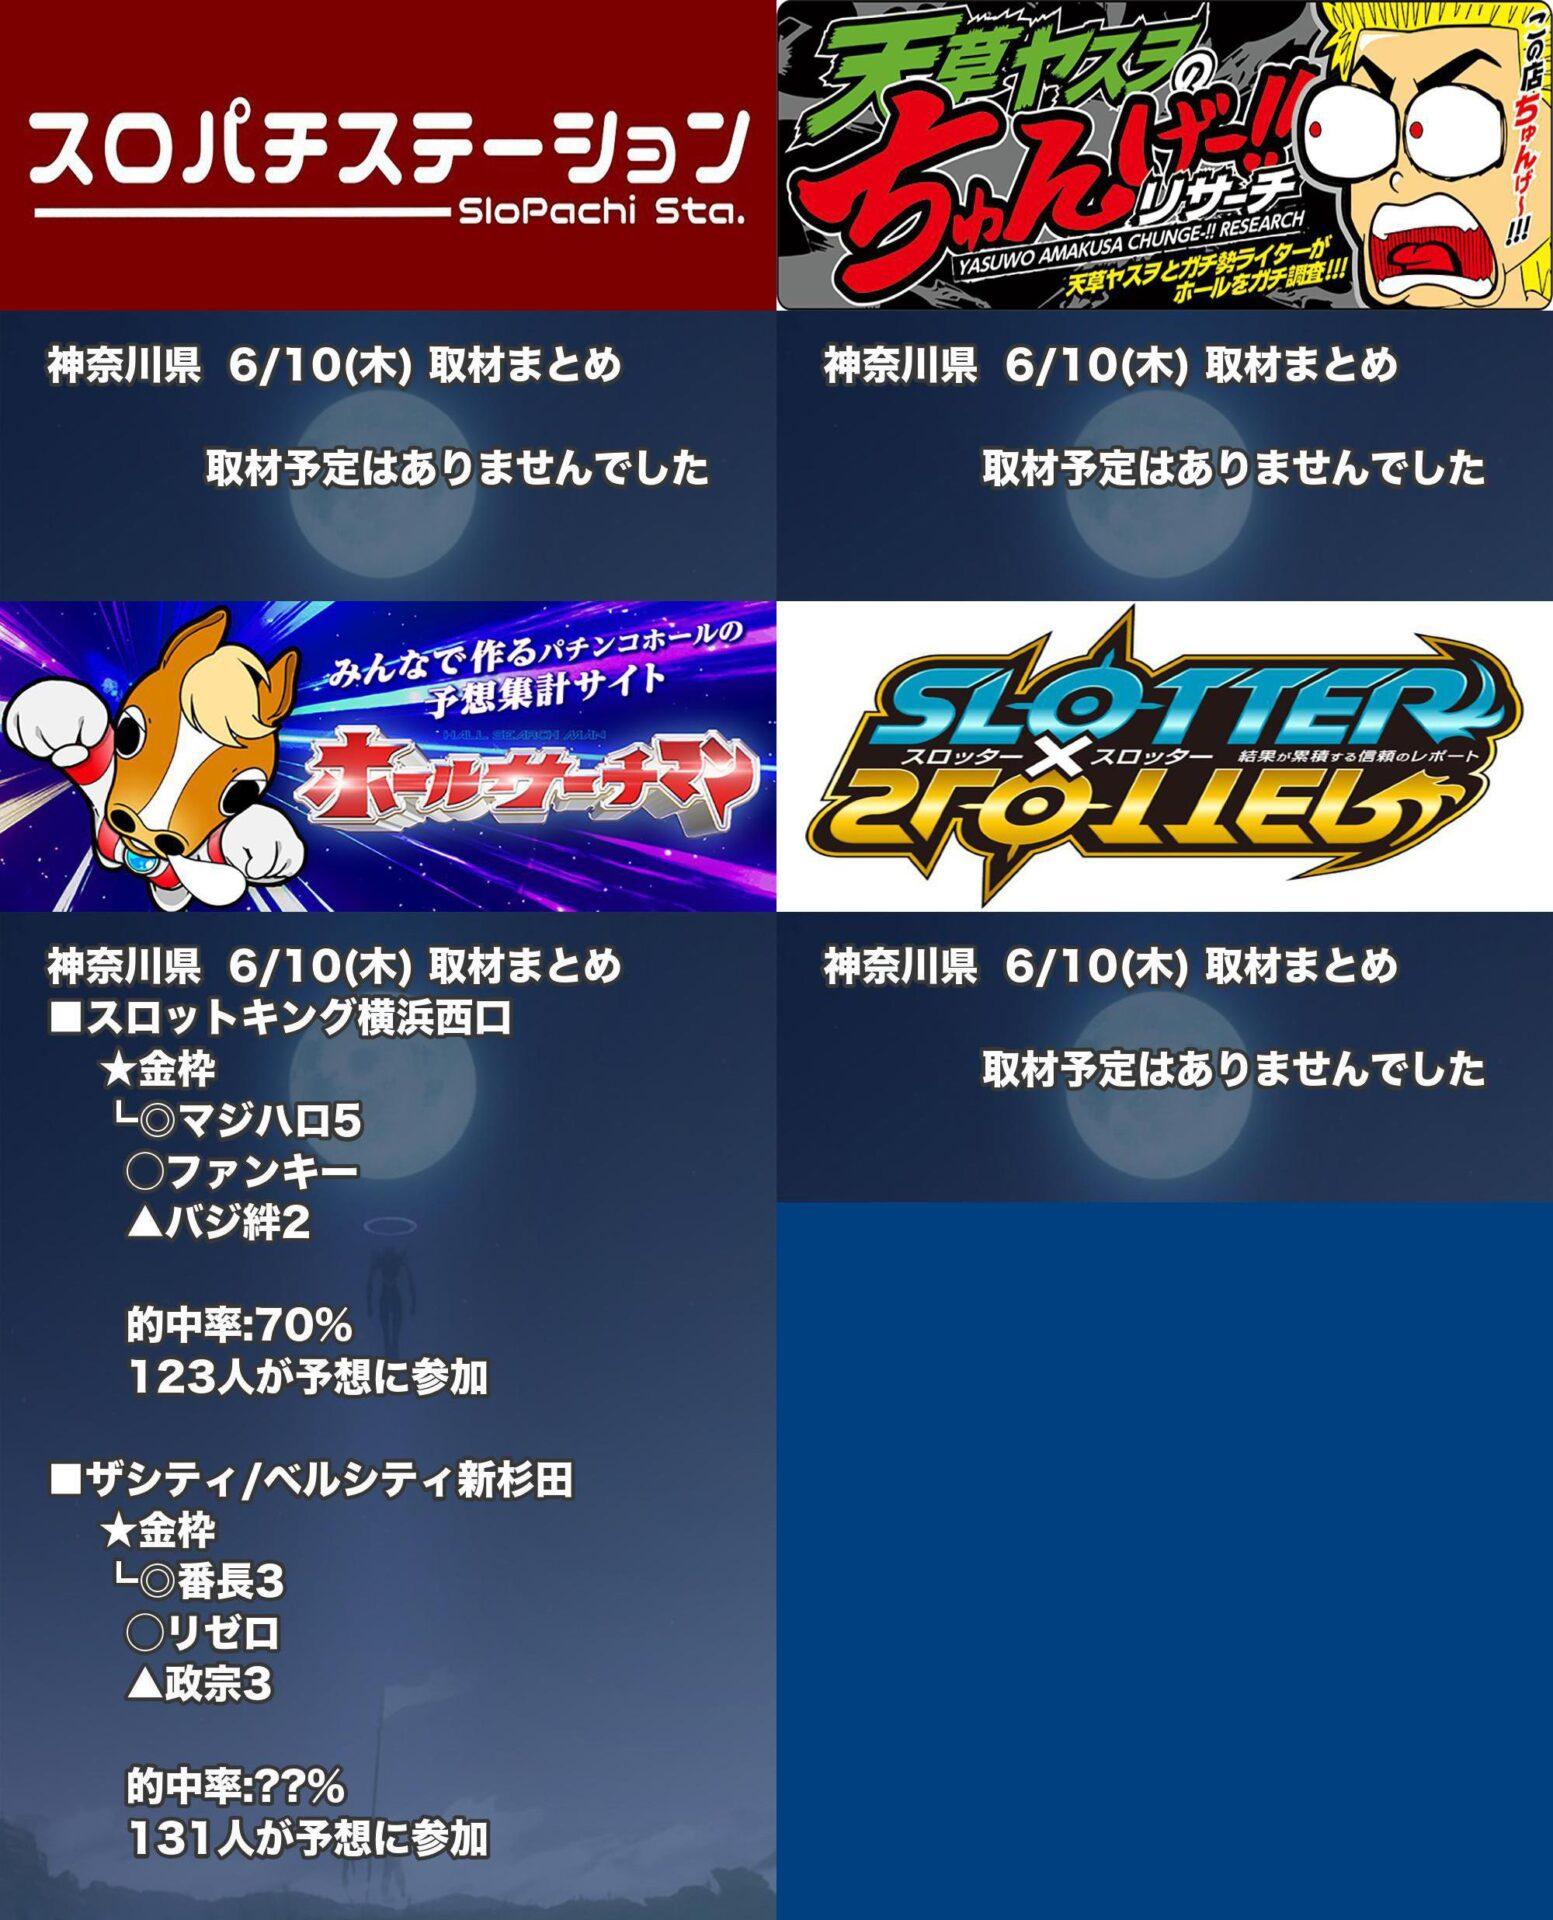 神奈川県_2021-06-10_パチンコ・パチスロ_イベント